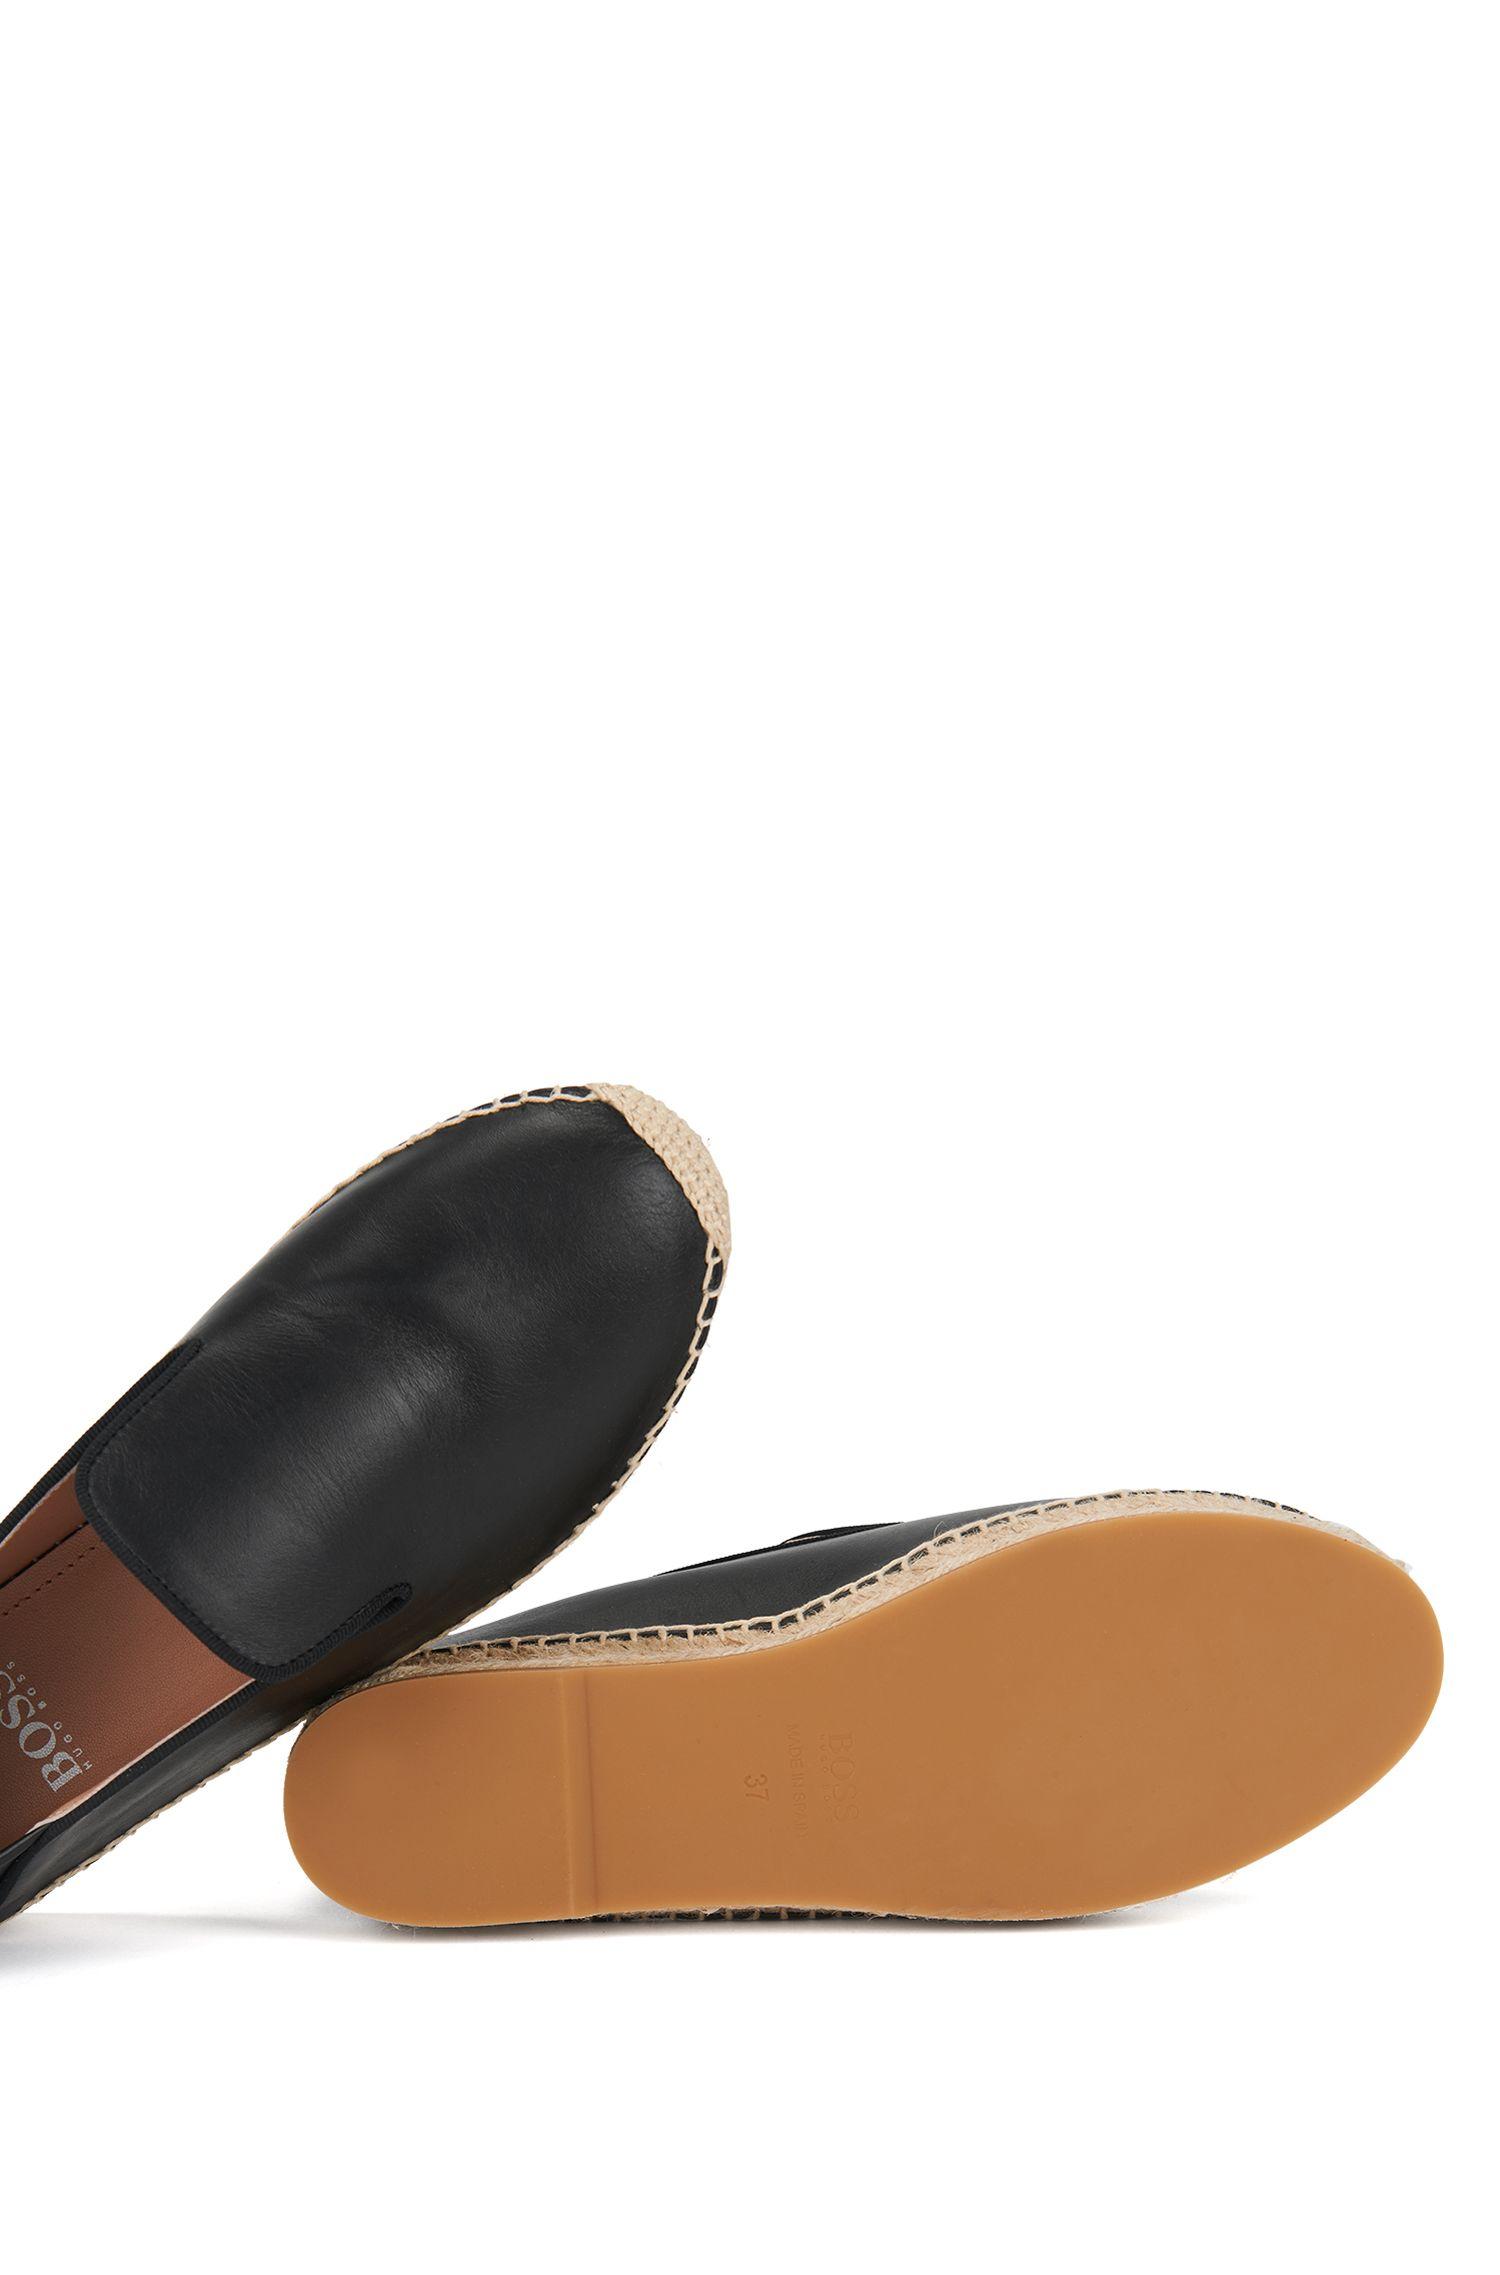 Zapatillas de esparto y piel con talón regulable